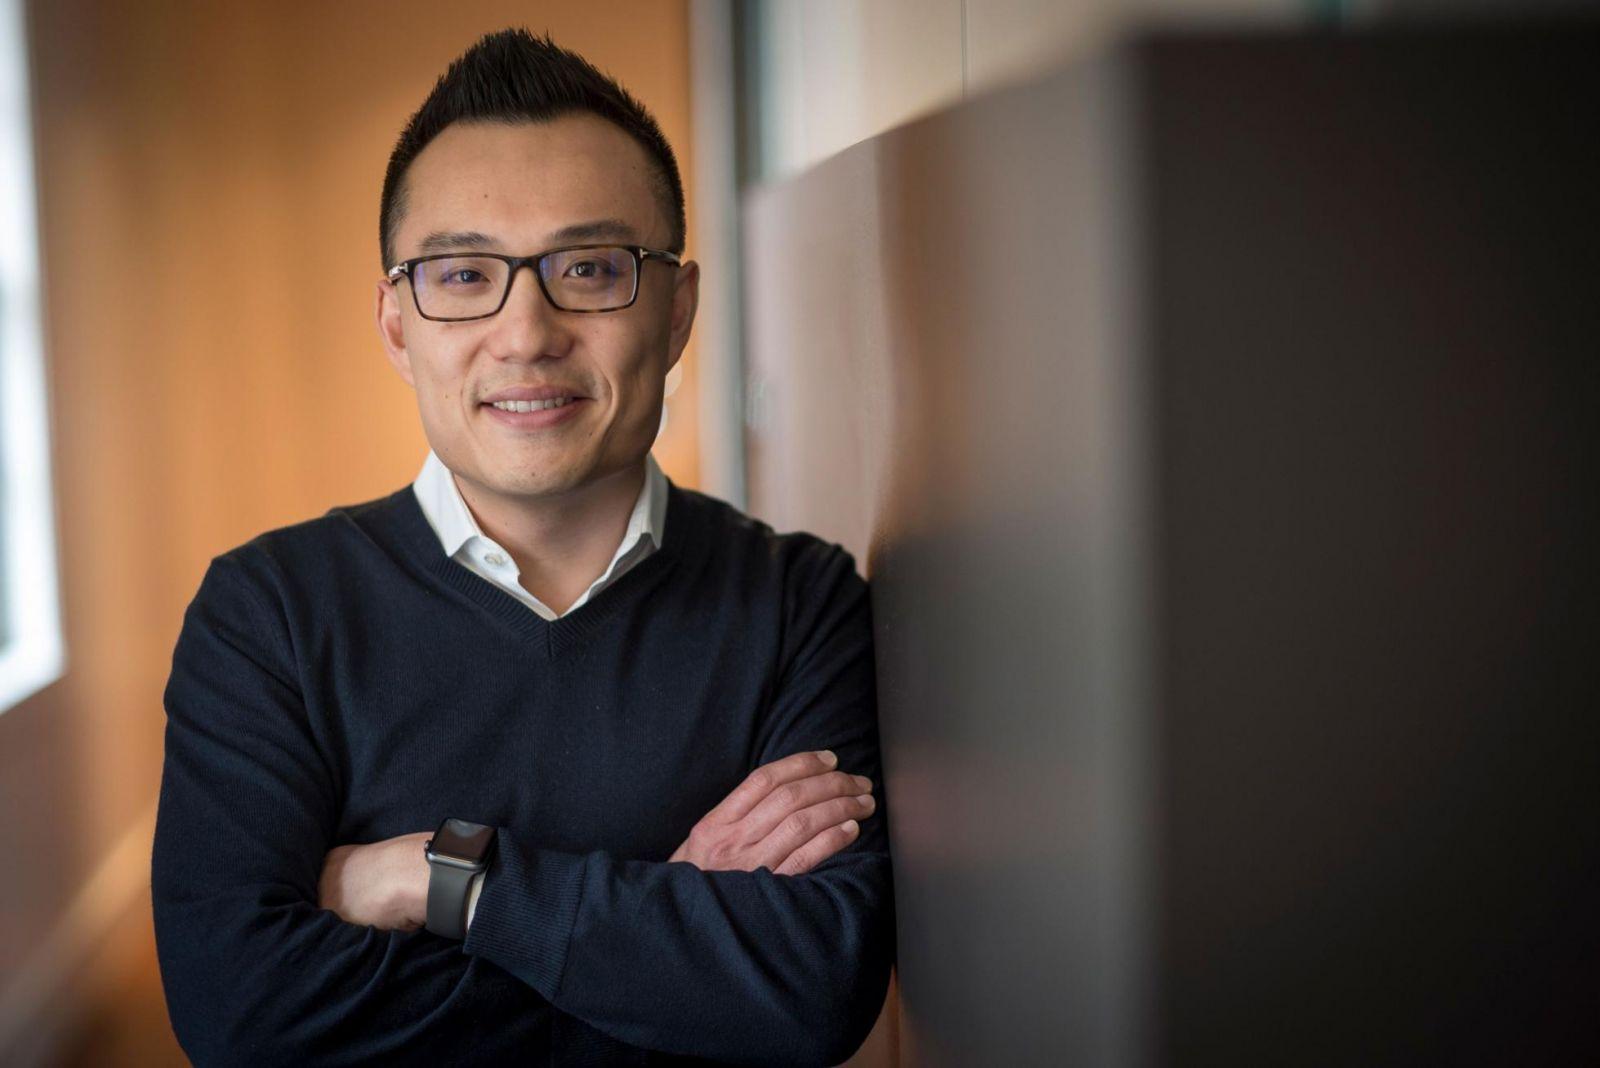 Tony Xu là đồng sáng lập và giám đốc điều hành của dịch vụ giao đồ ăn, DoorDash. (Nhiếp ảnh gia: David Paul Morris / Bloomberg